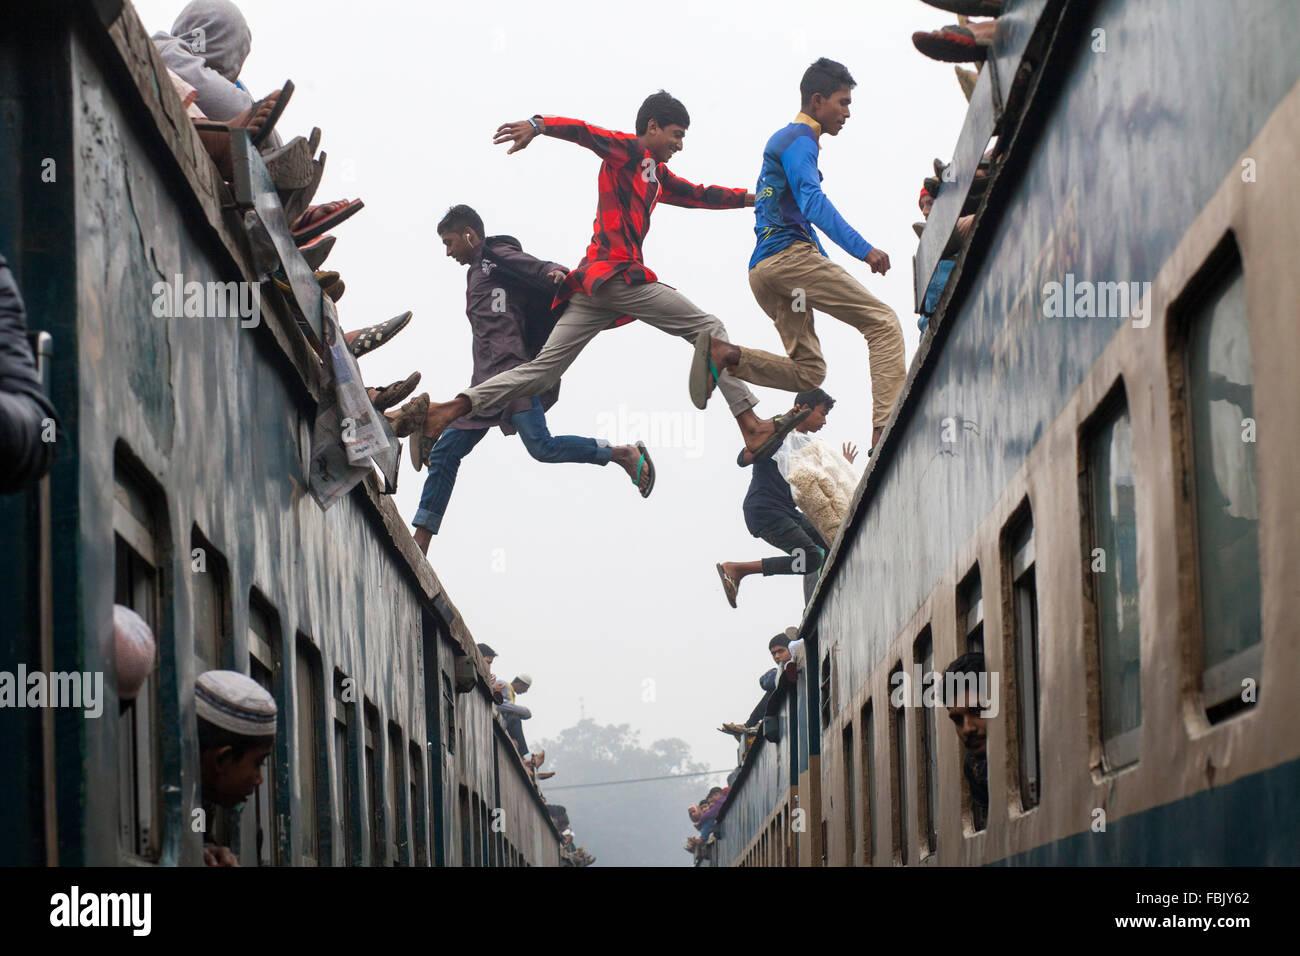 DHAKA, BANGLADESH, 10 de enero de 2016: Gente saltando sobre tren abarrotado Akheri Munajat asisten a las oraciones Imagen De Stock